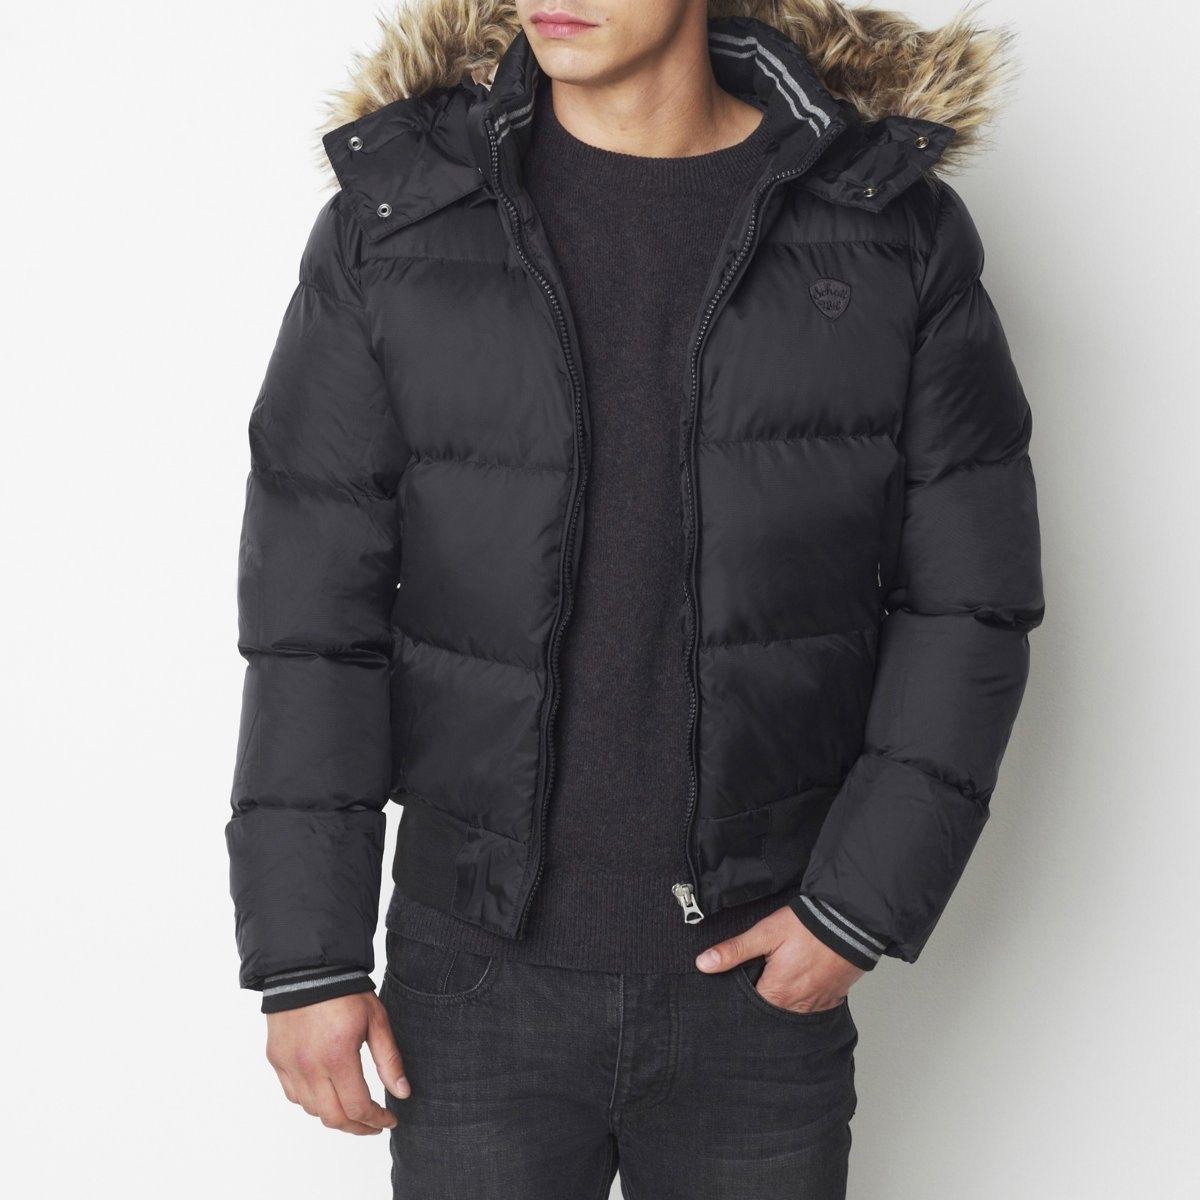 Куртка стеганаяСтеганая куртка из 100% полиамида. На подкладке из полиэстера. Съемный капюшон со съемным искусственным мехом на 2 кнопках. Застежка на молнию спереди. Высокий внутренний воротник связан в рубчик. 2 кармана на молнии. 2 внутренних кармана на молнии. Низ рукавов и куртки связан в рубчик. Длина 67 см.<br><br>Цвет: антрацит,темно-синий,черный<br>Размер: S.L